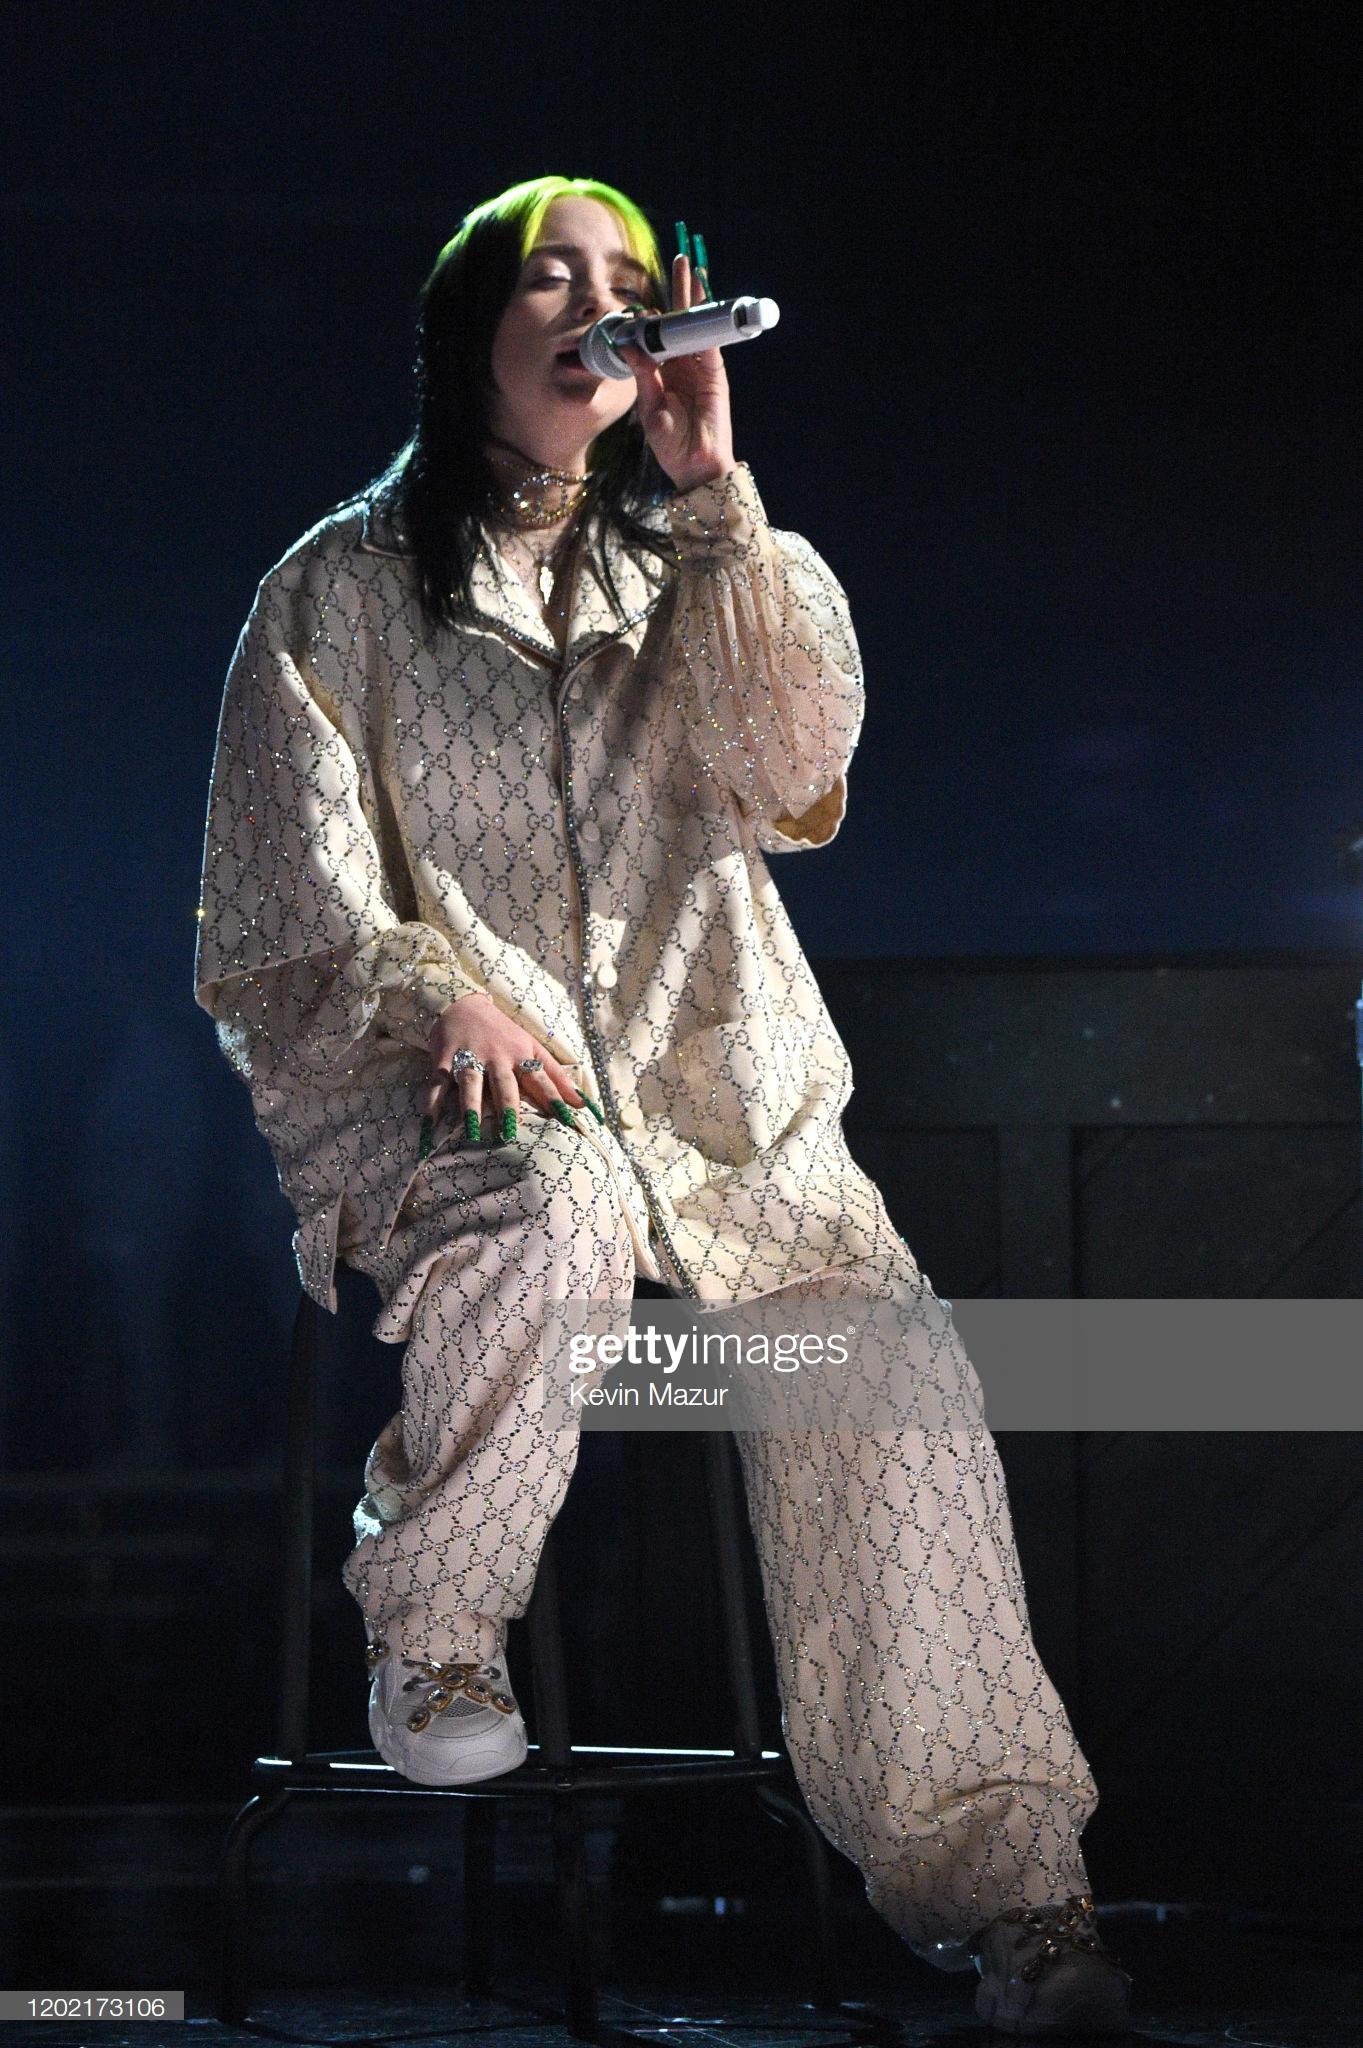 Khi trình diễn tại Grammy 2020, Billie Eilish vẫn chọn phong cách thời trang như mọi khi. Cô lăng-xê các sản phẩm đến từ nhà mốt Gucci.